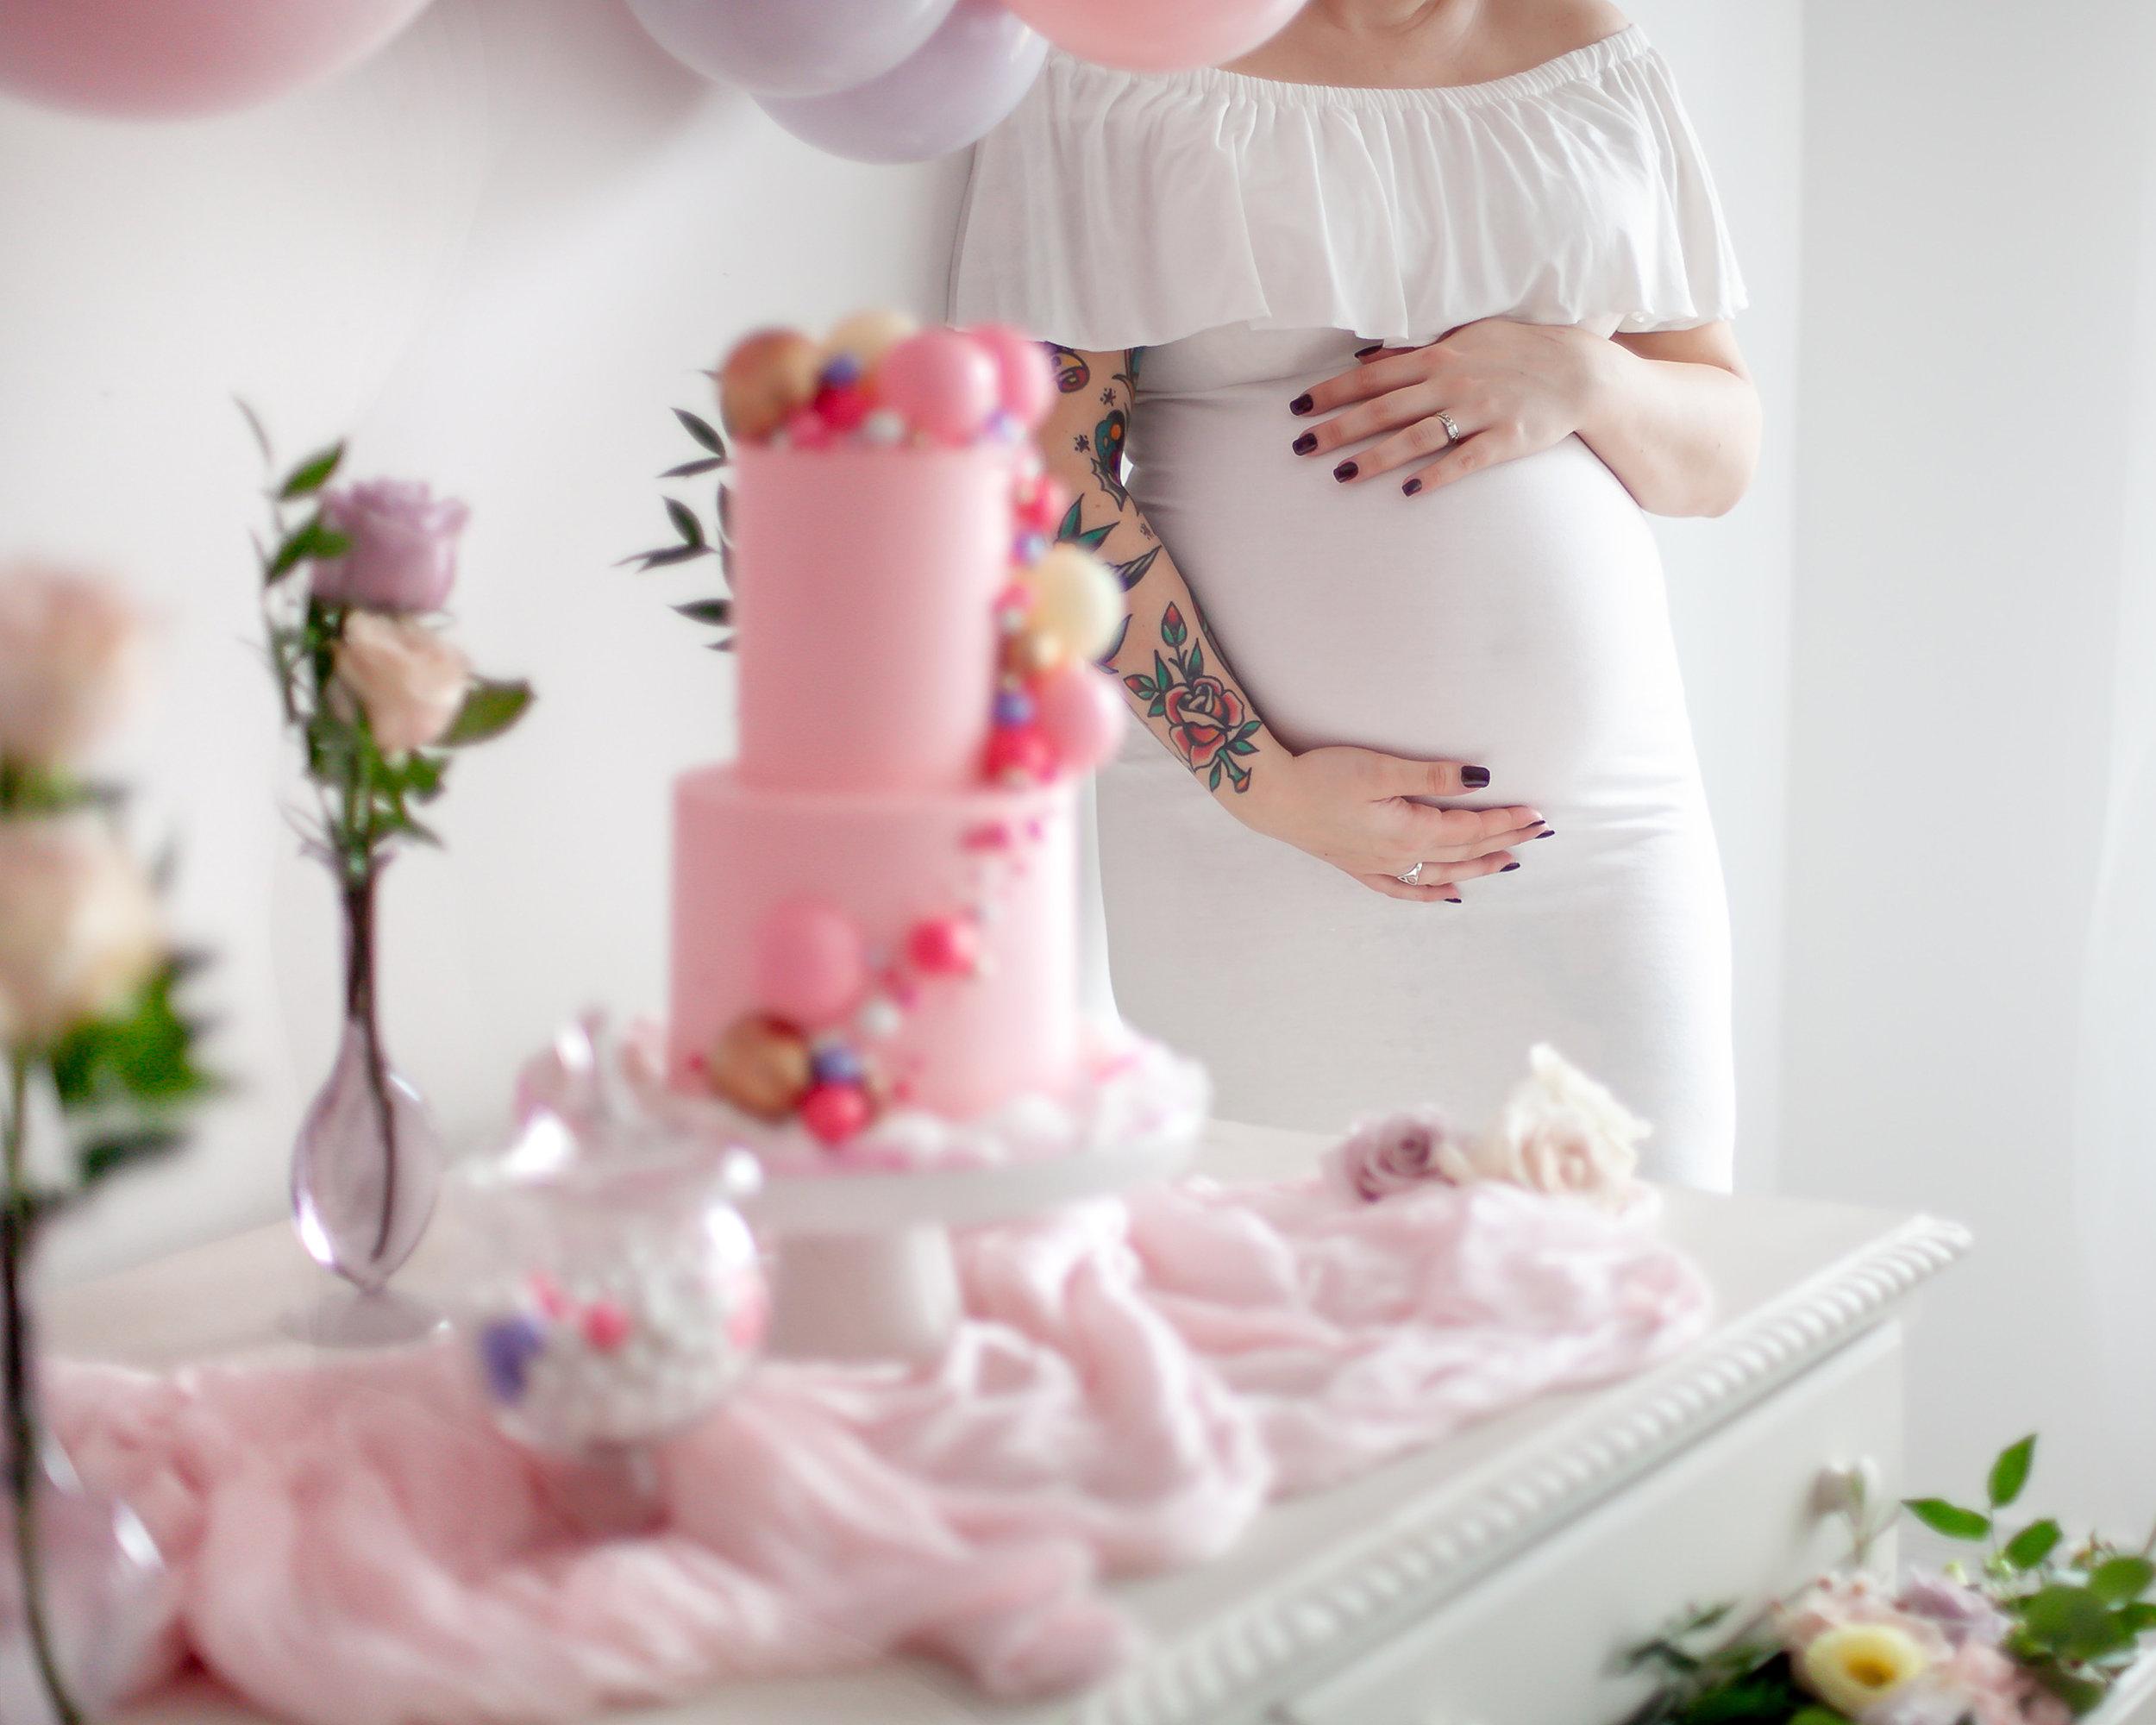 Toronto_Oshawa_GTA_Port Perry_Styled_Maternity_Shoot_Petra_King_Photography